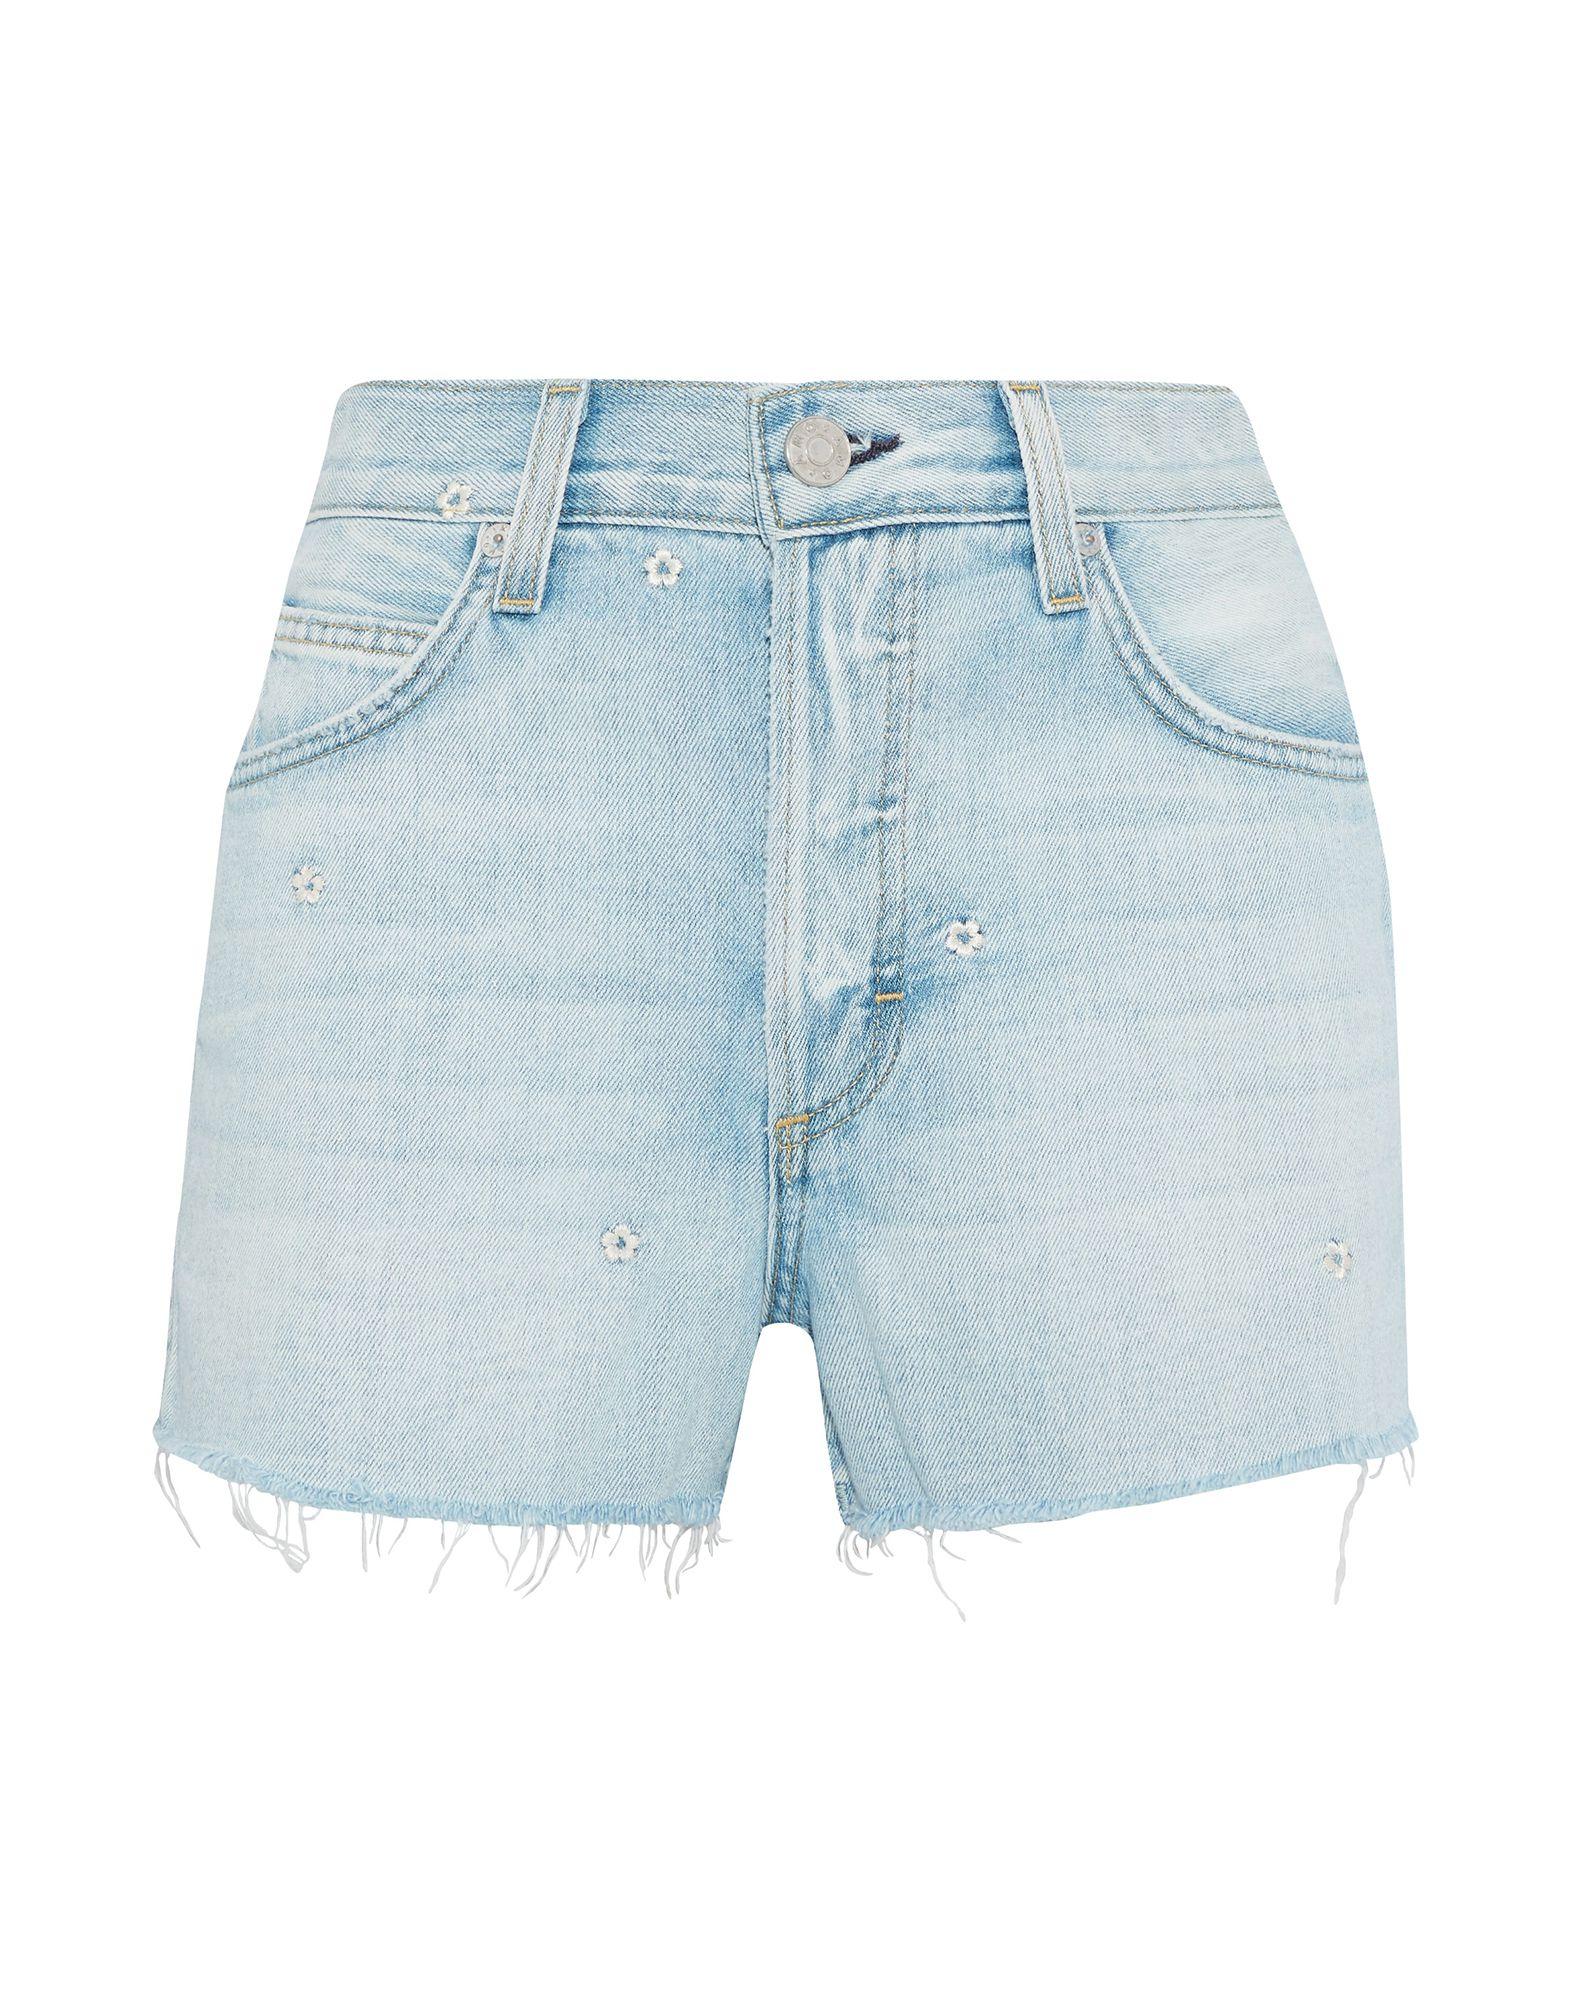 Фото - AMO Джинсовые шорты please джинсовые шорты